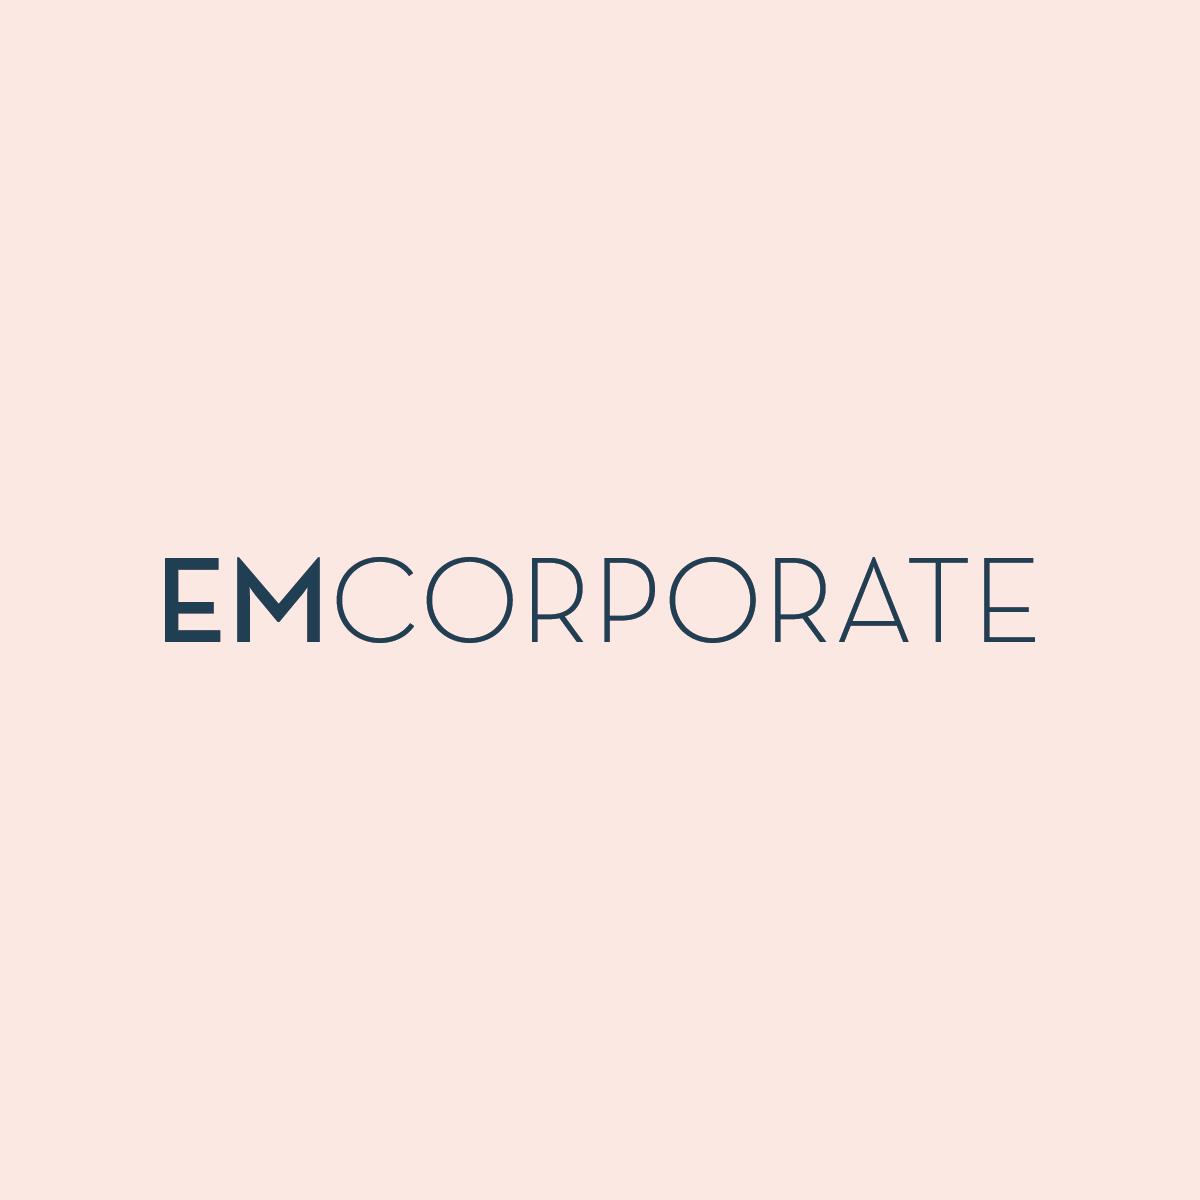 EM Corp Webside Branding Images-01.png